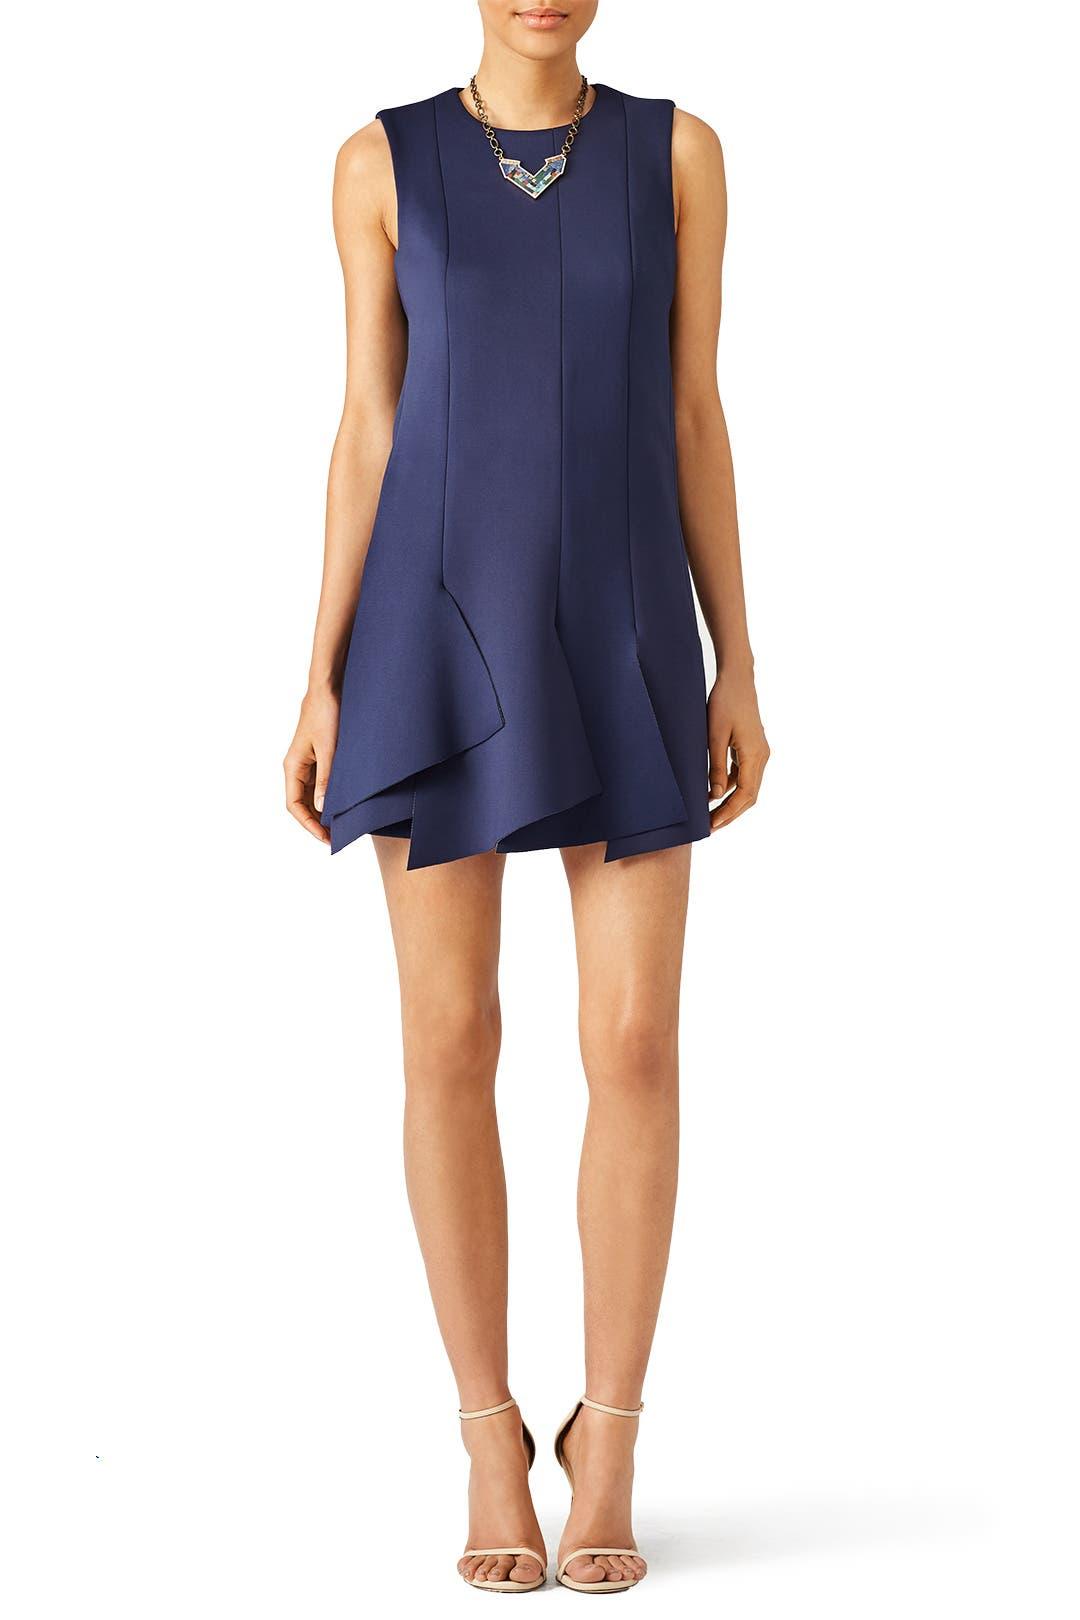 Tibi Keno Knit Layered Dress